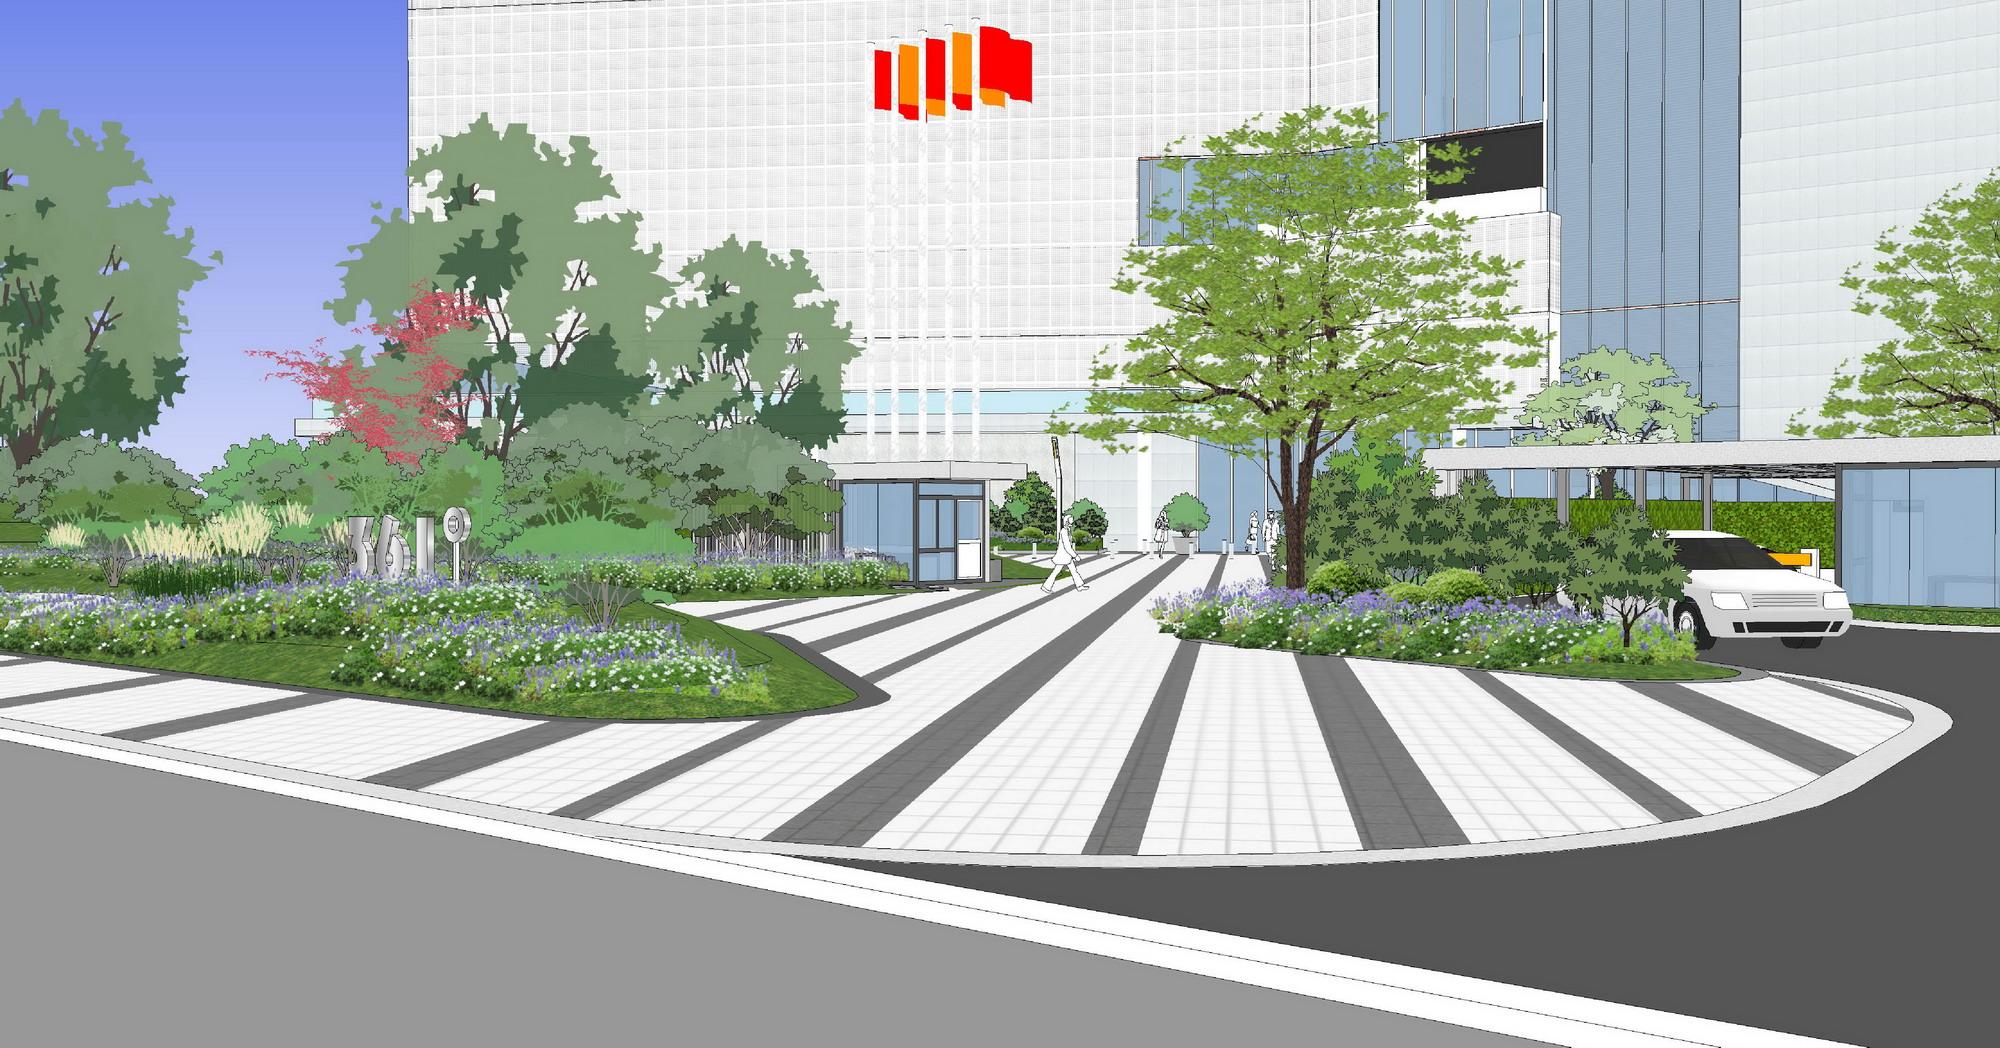 因此在设计上,摈弃以往传统硬质围墙的空间割裂,全部采用绿植的组合图片